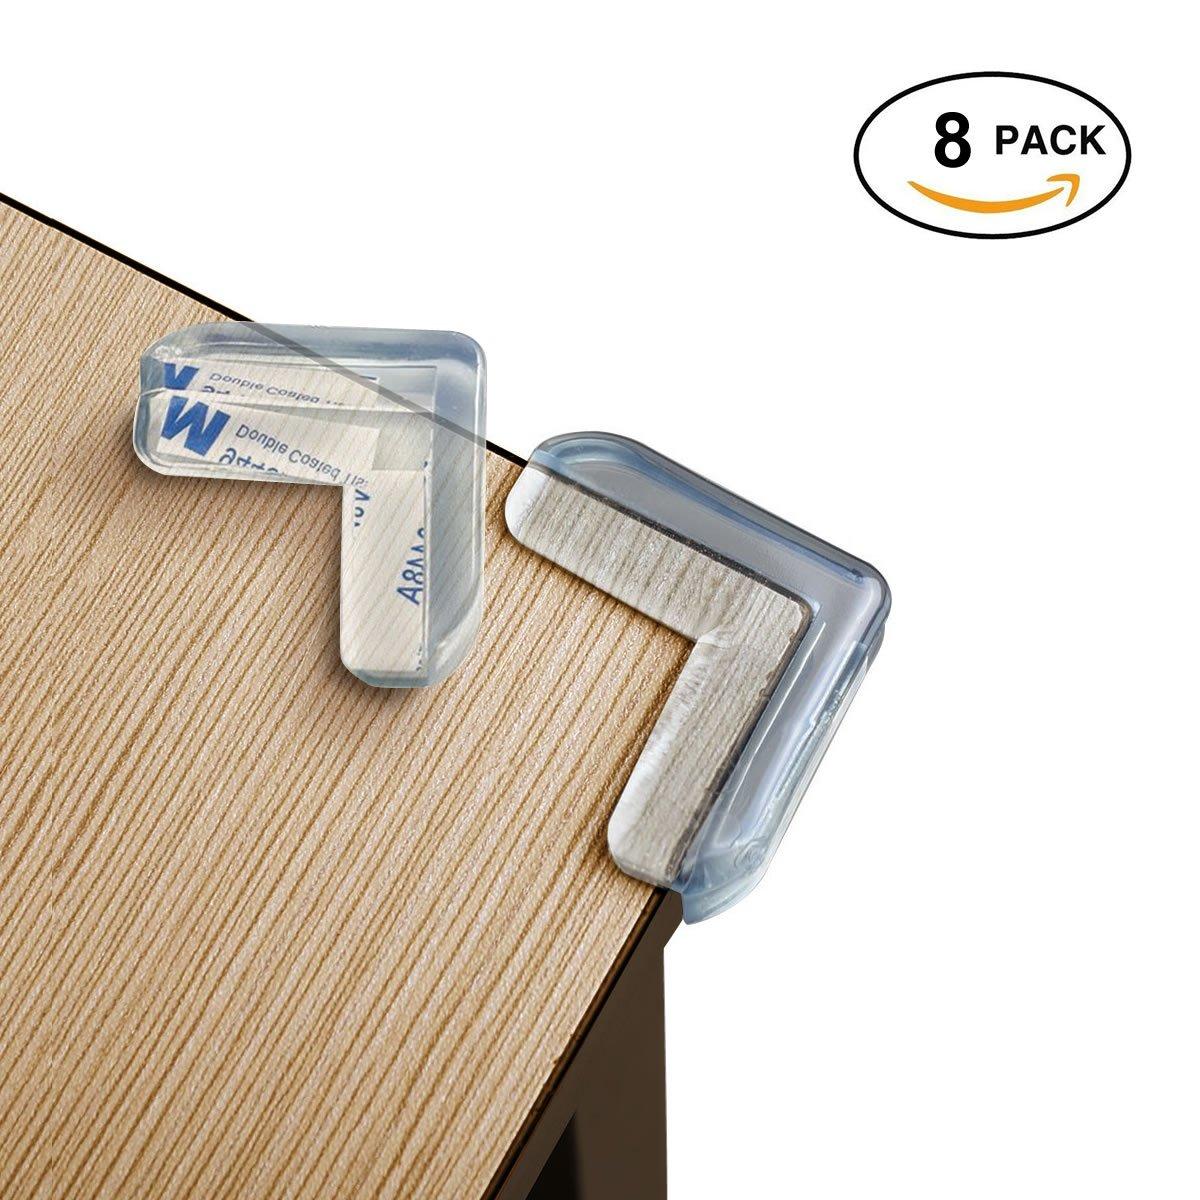 Stark klebende – L-förmige – weiche Baby Sicherheitsecken, Kantenschutz, Eckenschutz, Silikon Eckenschutz , selbstklebende Kantenschutz (8 Pack) Chuckle